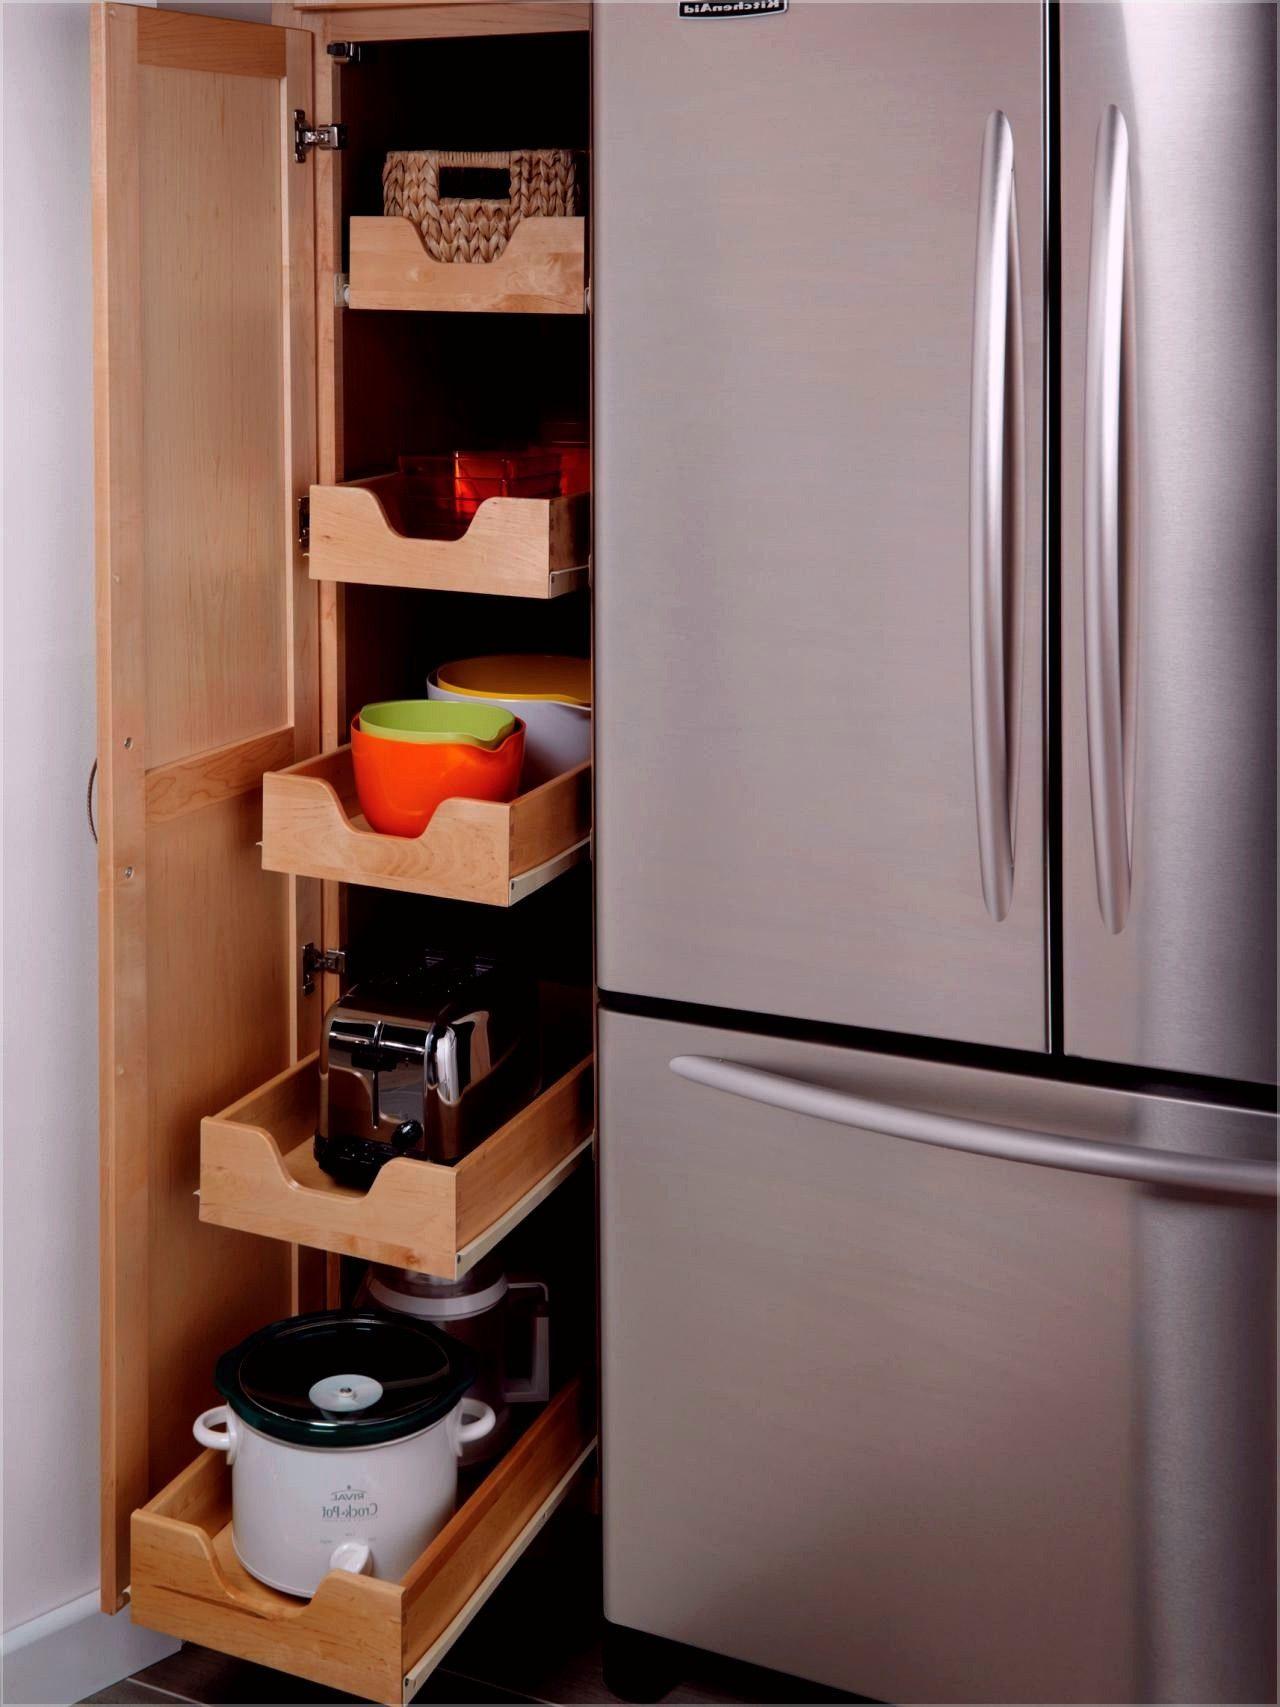 Bright Kitchen Lighting Kitchen Design Lowes Kitchen Ventilation Kitchen Cabinet Organization Layout Interior Decorating Kitchen Kitchen Cabinet Organization